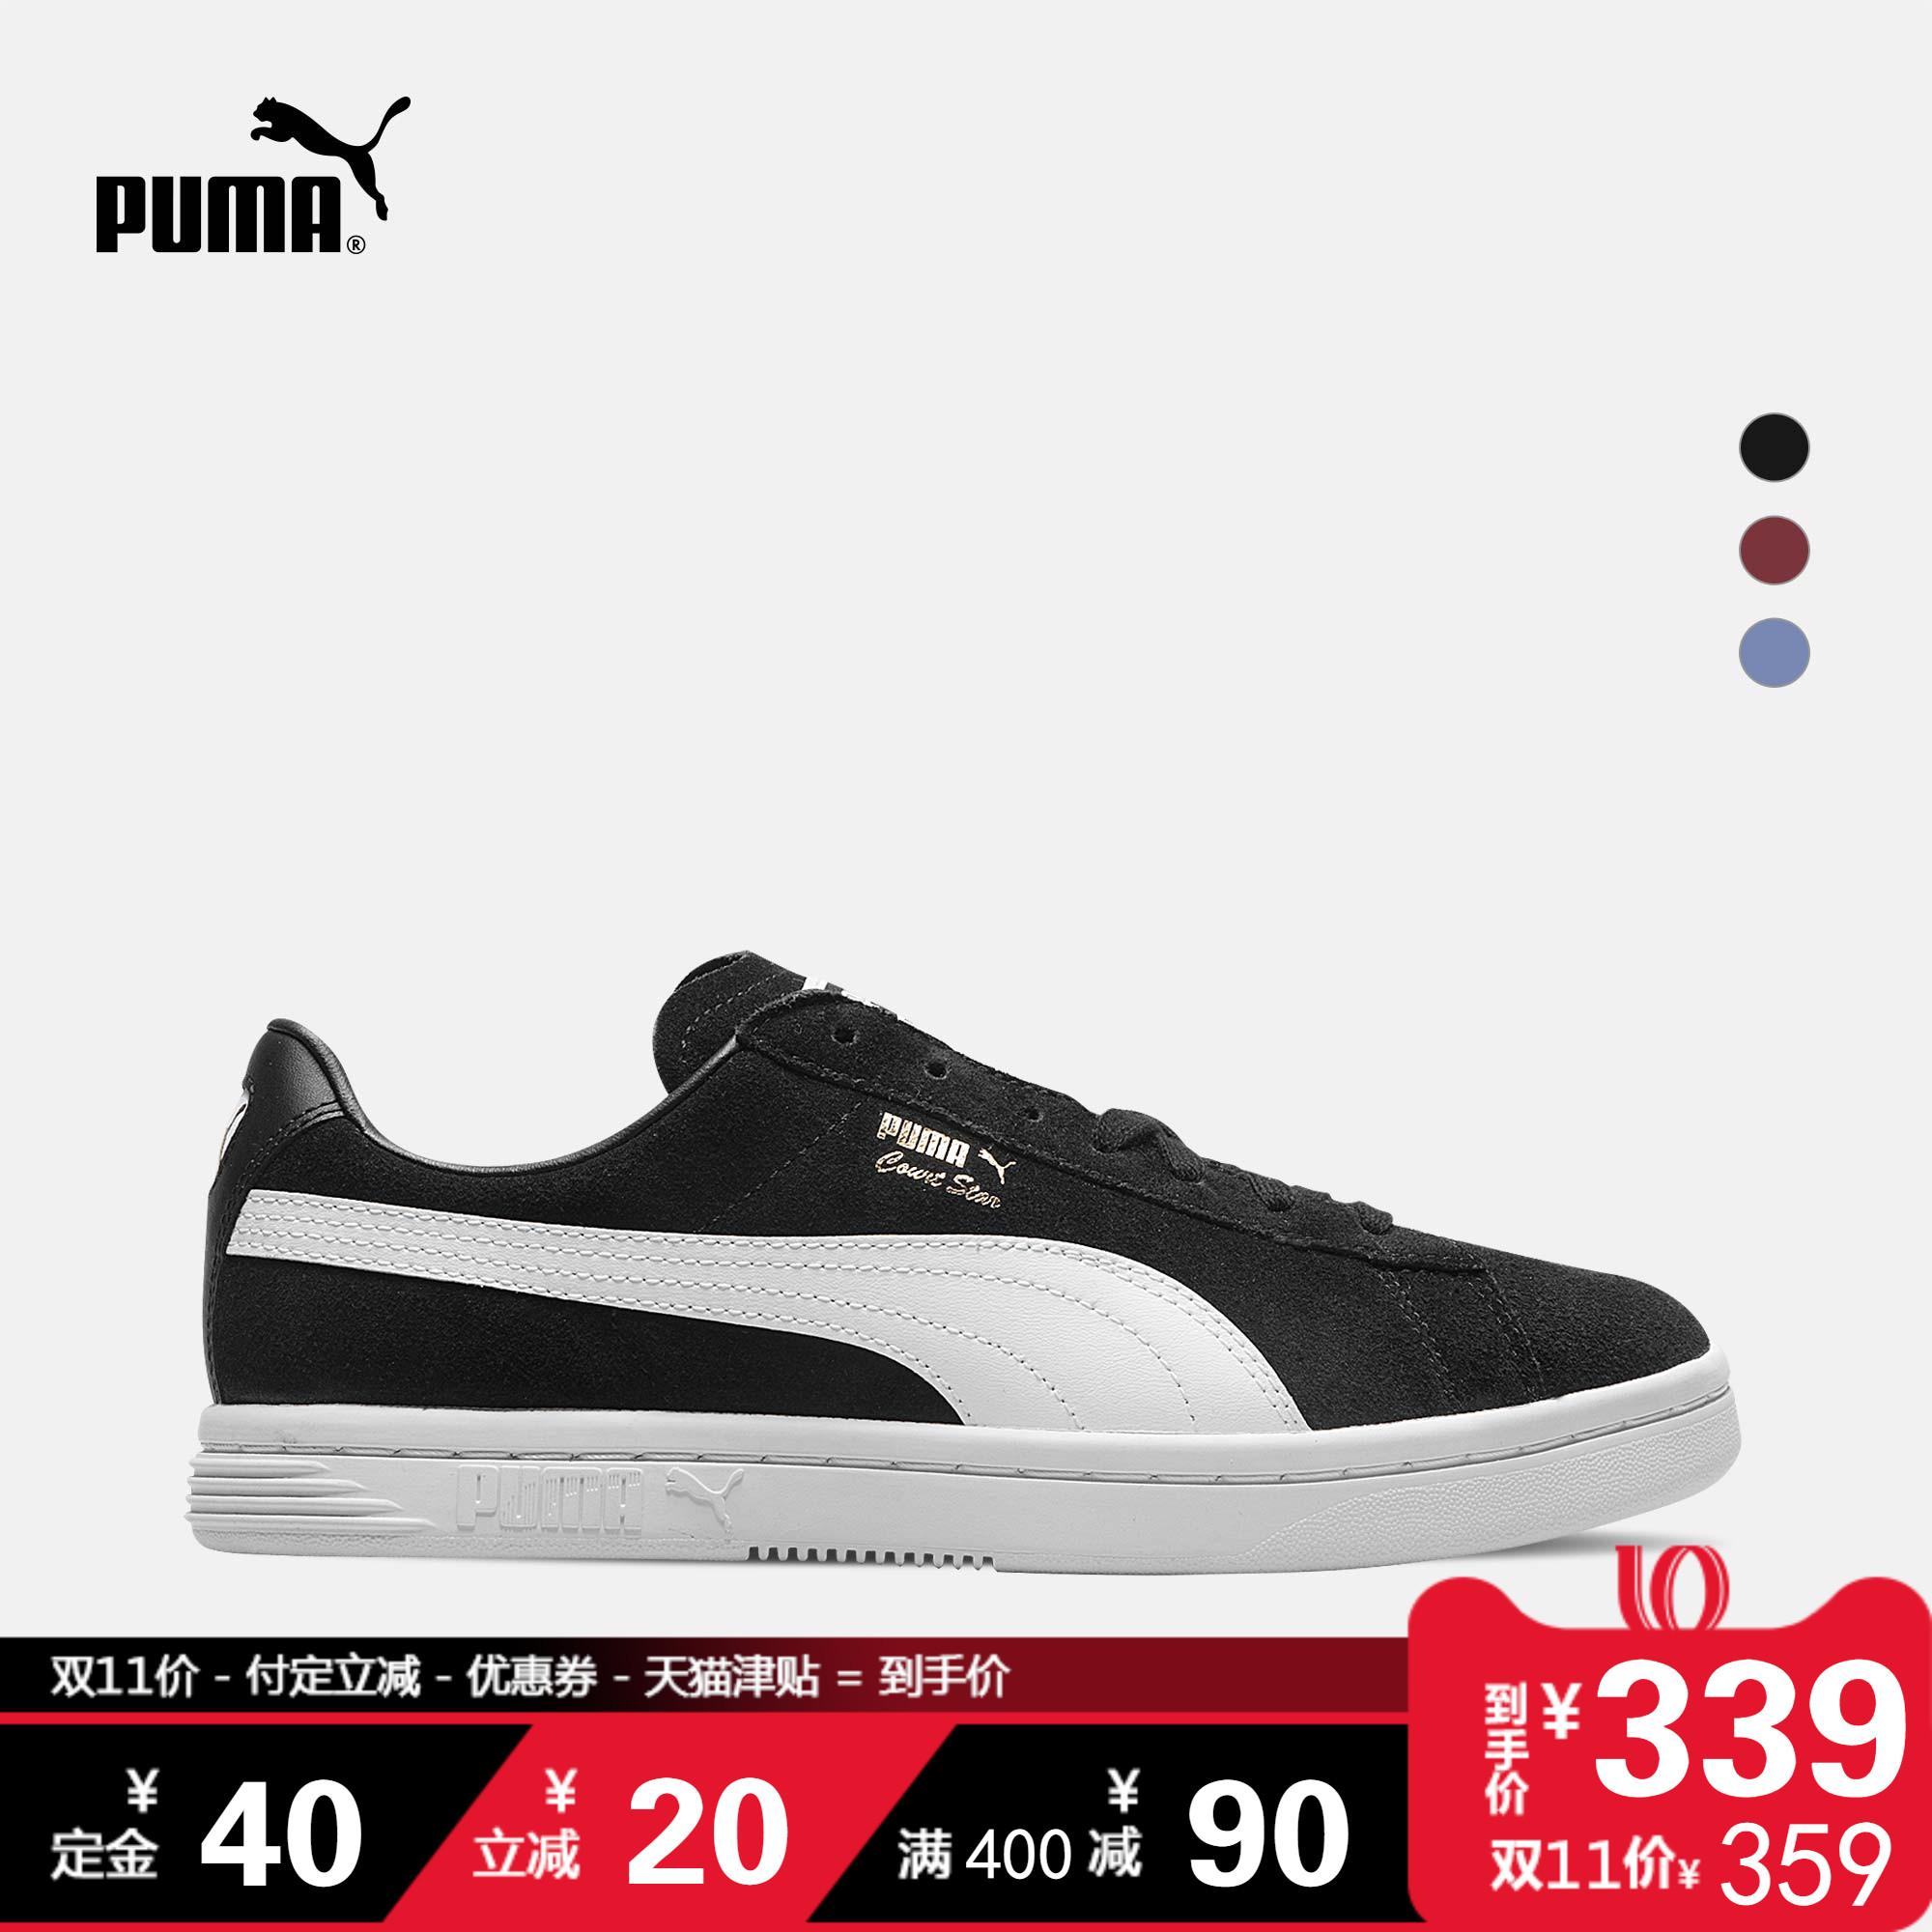 预售 PUMA彪马官方 男女同款休闲鞋 Court Star FS 366574